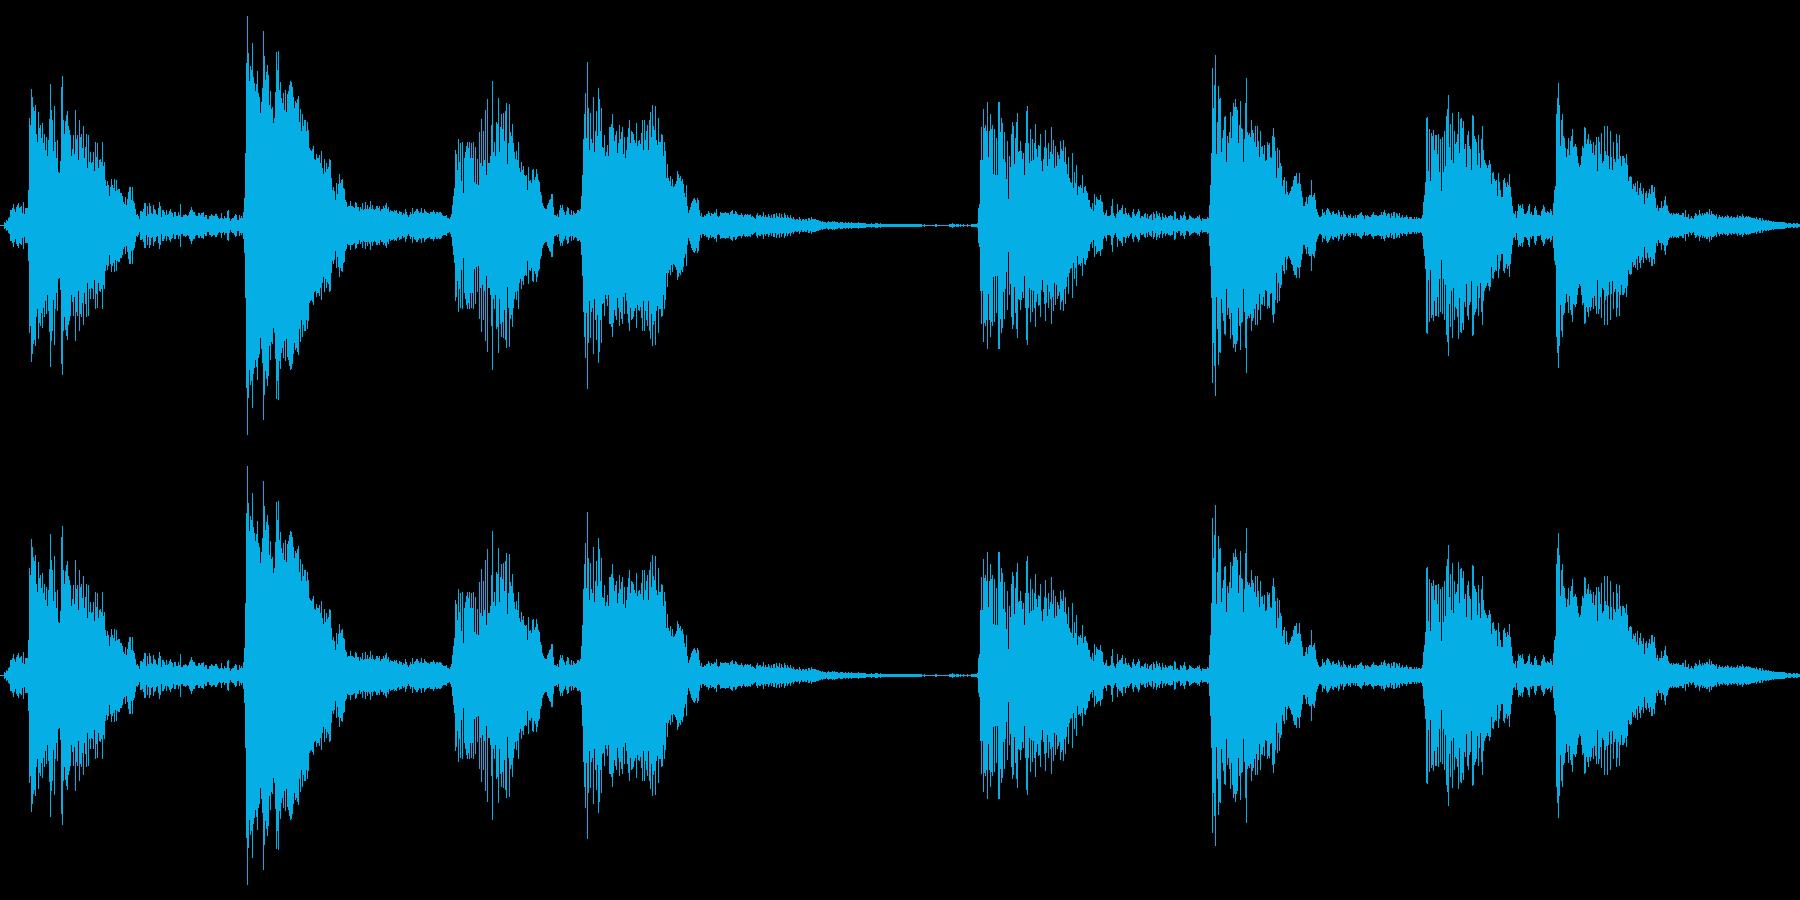 【エレキギター】ウッパ、ウパの再生済みの波形